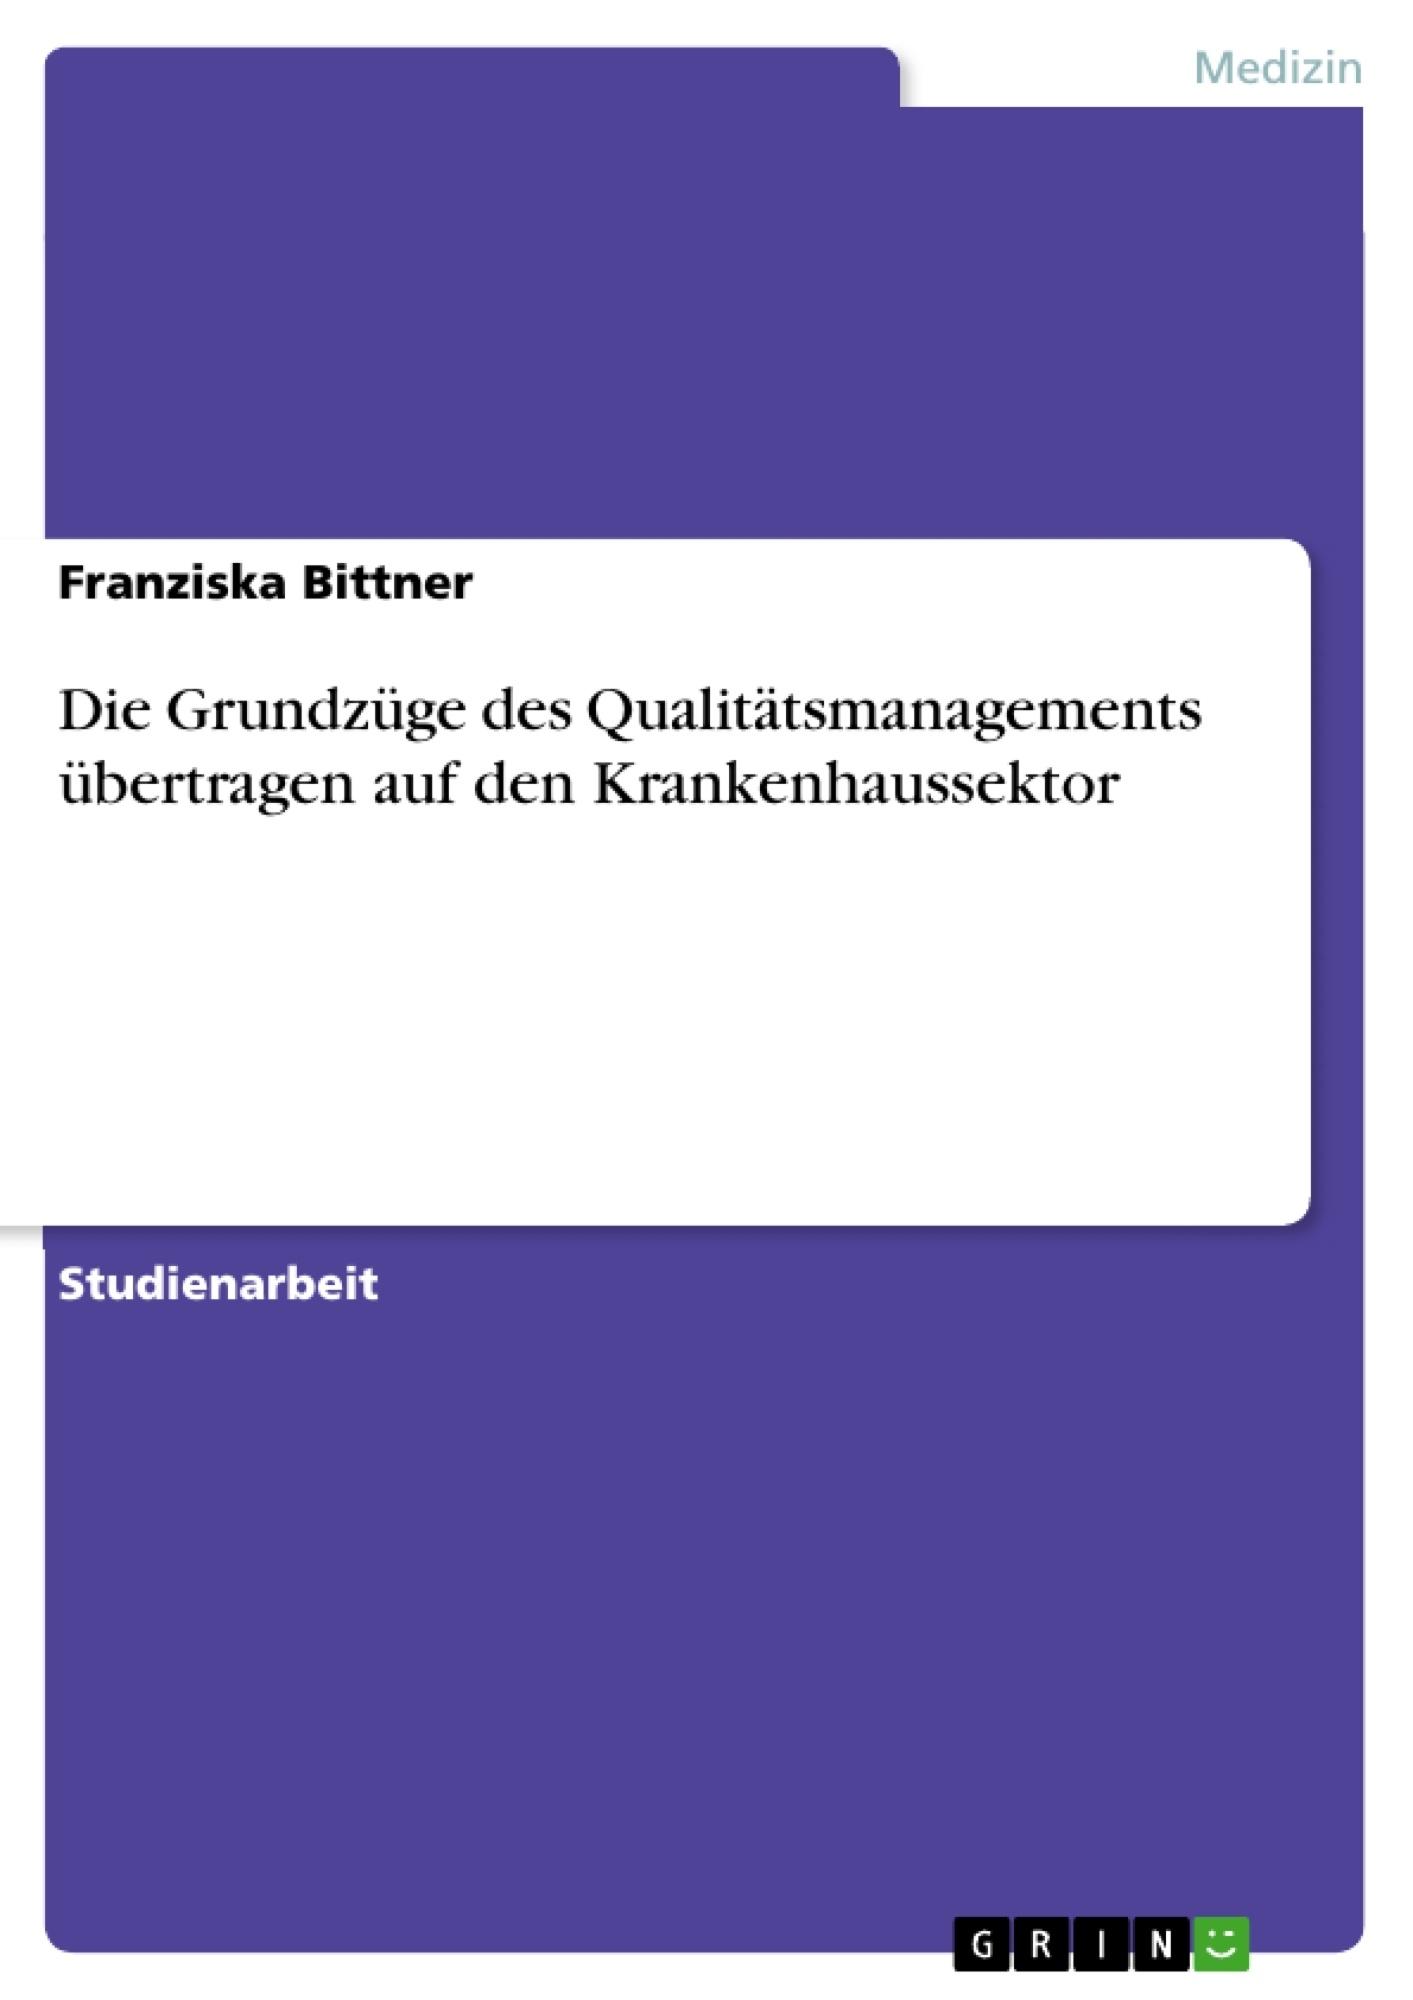 Titel: Die Grundzüge des Qualitätsmanagements übertragen auf den Krankenhaussektor